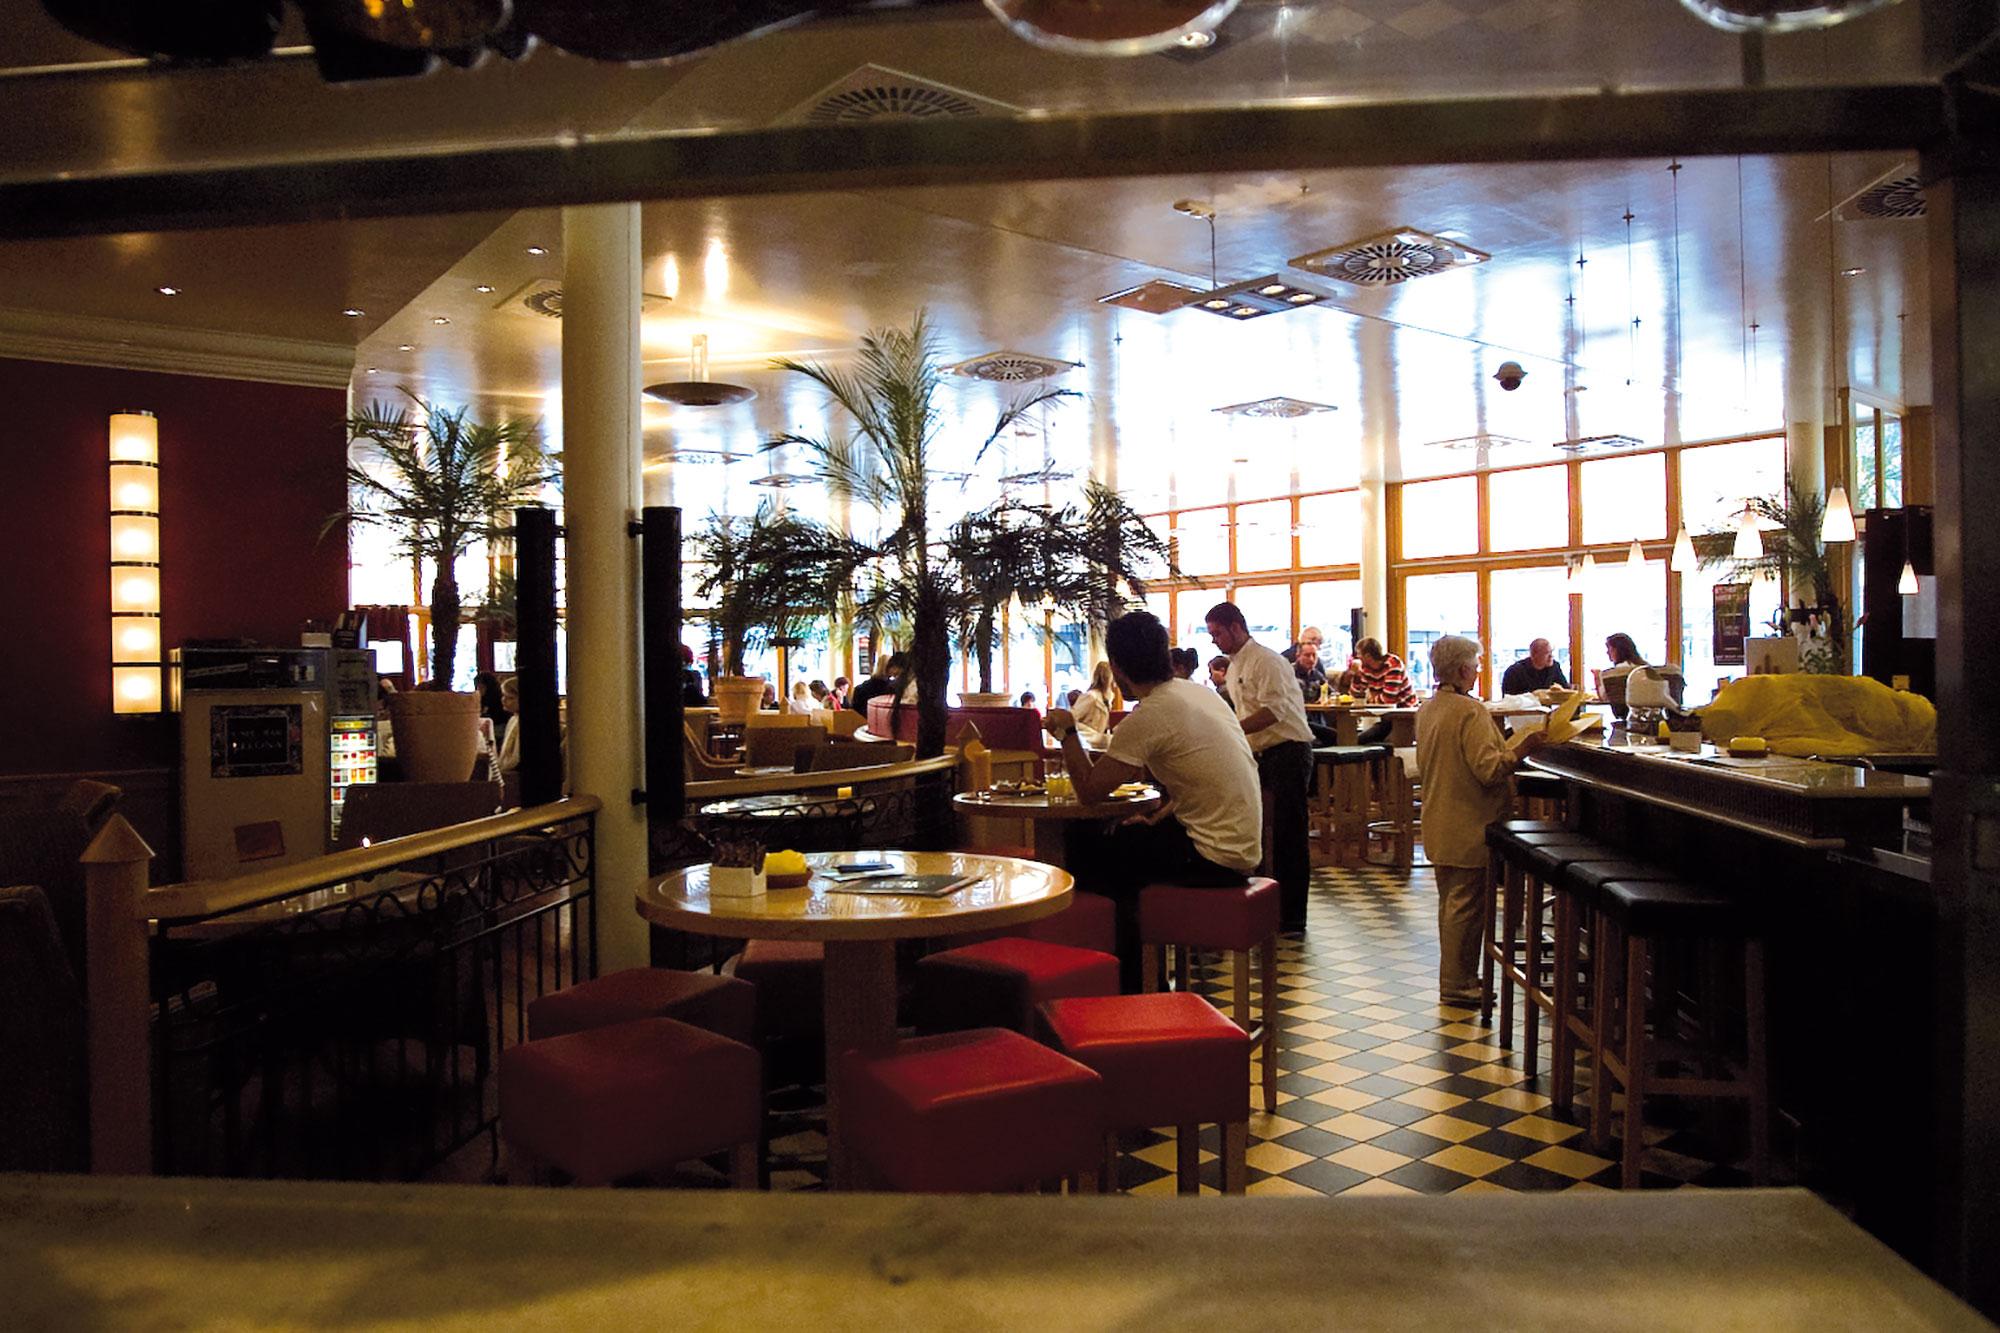 Wohnzimmer Bremen Ffnungszeiten Cafe Bar Celona Wolfsburg